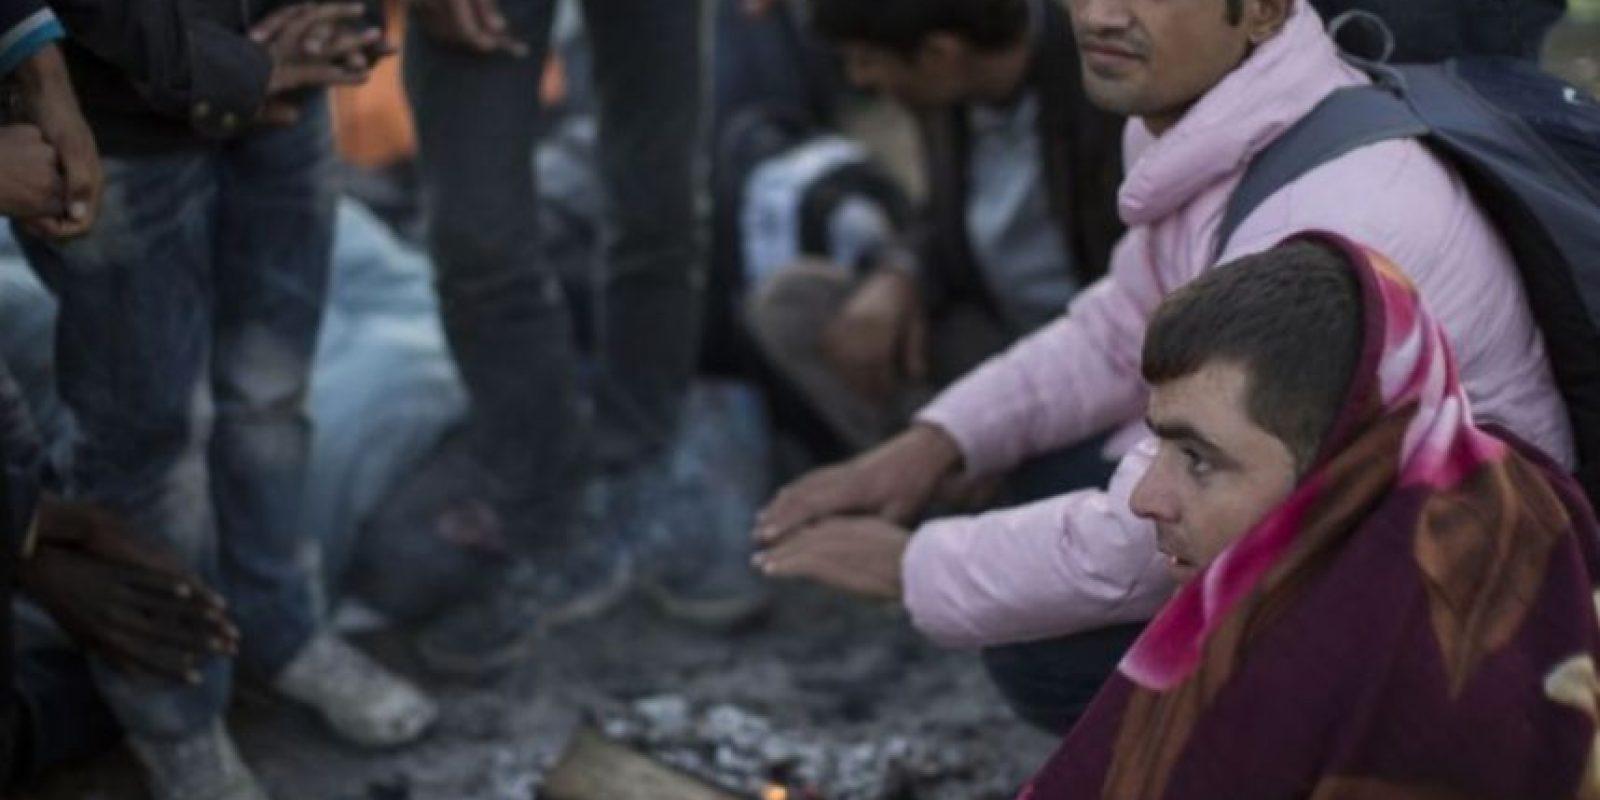 """Según el medio británico """"BBC"""", muchos de estos grupos pelean por el control político de regiones, así como """"acceso a recursos económicos o enfrentamientos étnico-religiosos (sunitas contra chiitas)"""". Foto:Getty Images"""